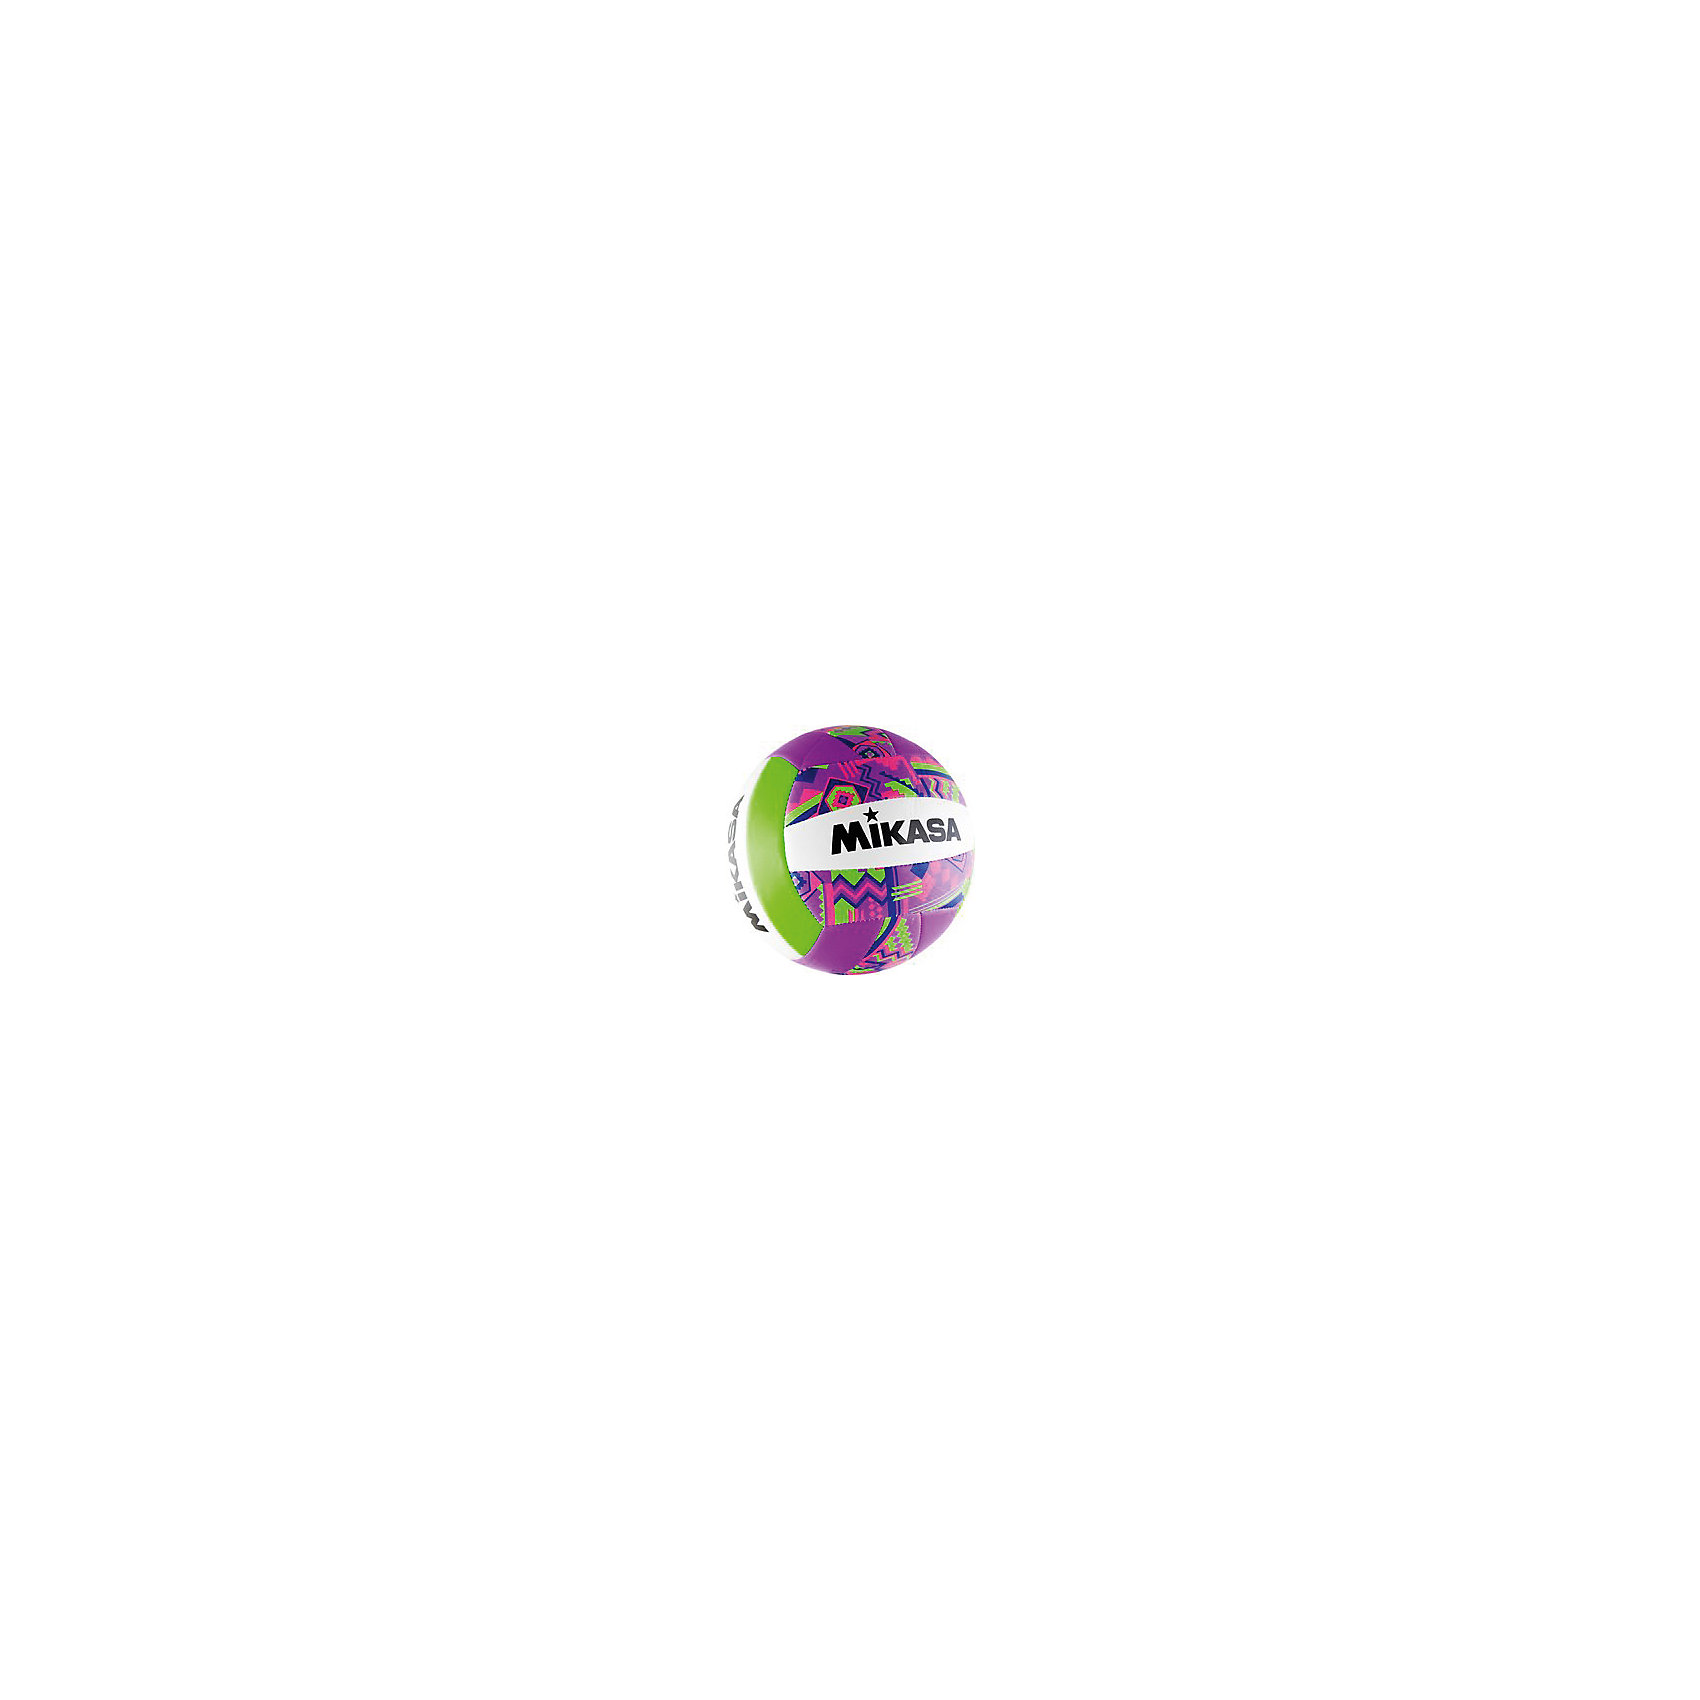 Волейбольный мяч, р. 5, синт. кожа, MIKASAОсновные характеристики<br><br>Вид: волейбольный<br>Уровень игры: любительский<br>Размер: 5<br>Количество панелей: 18<br>Вес: 270гр<br>Окружность: 65-67см<br>Тип соединения панелей: машинная сшивка<br>Материал камеры: бутиловая<br>Материал покрышки: синтетическая кожа (полиуретан)<br>Цвет основной: фиолетовый<br>Цвет дополнительный: белый, розовый, салатовый<br>Страна-производитель: Китай <br>Упаковка: пакет (поставляется в сдутом виде)<br><br>Ширина мм: 213<br>Глубина мм: 213<br>Высота мм: 75<br>Вес г: 270<br>Возраст от месяцев: 36<br>Возраст до месяцев: 192<br>Пол: Унисекс<br>Возраст: Детский<br>SKU: 5056636